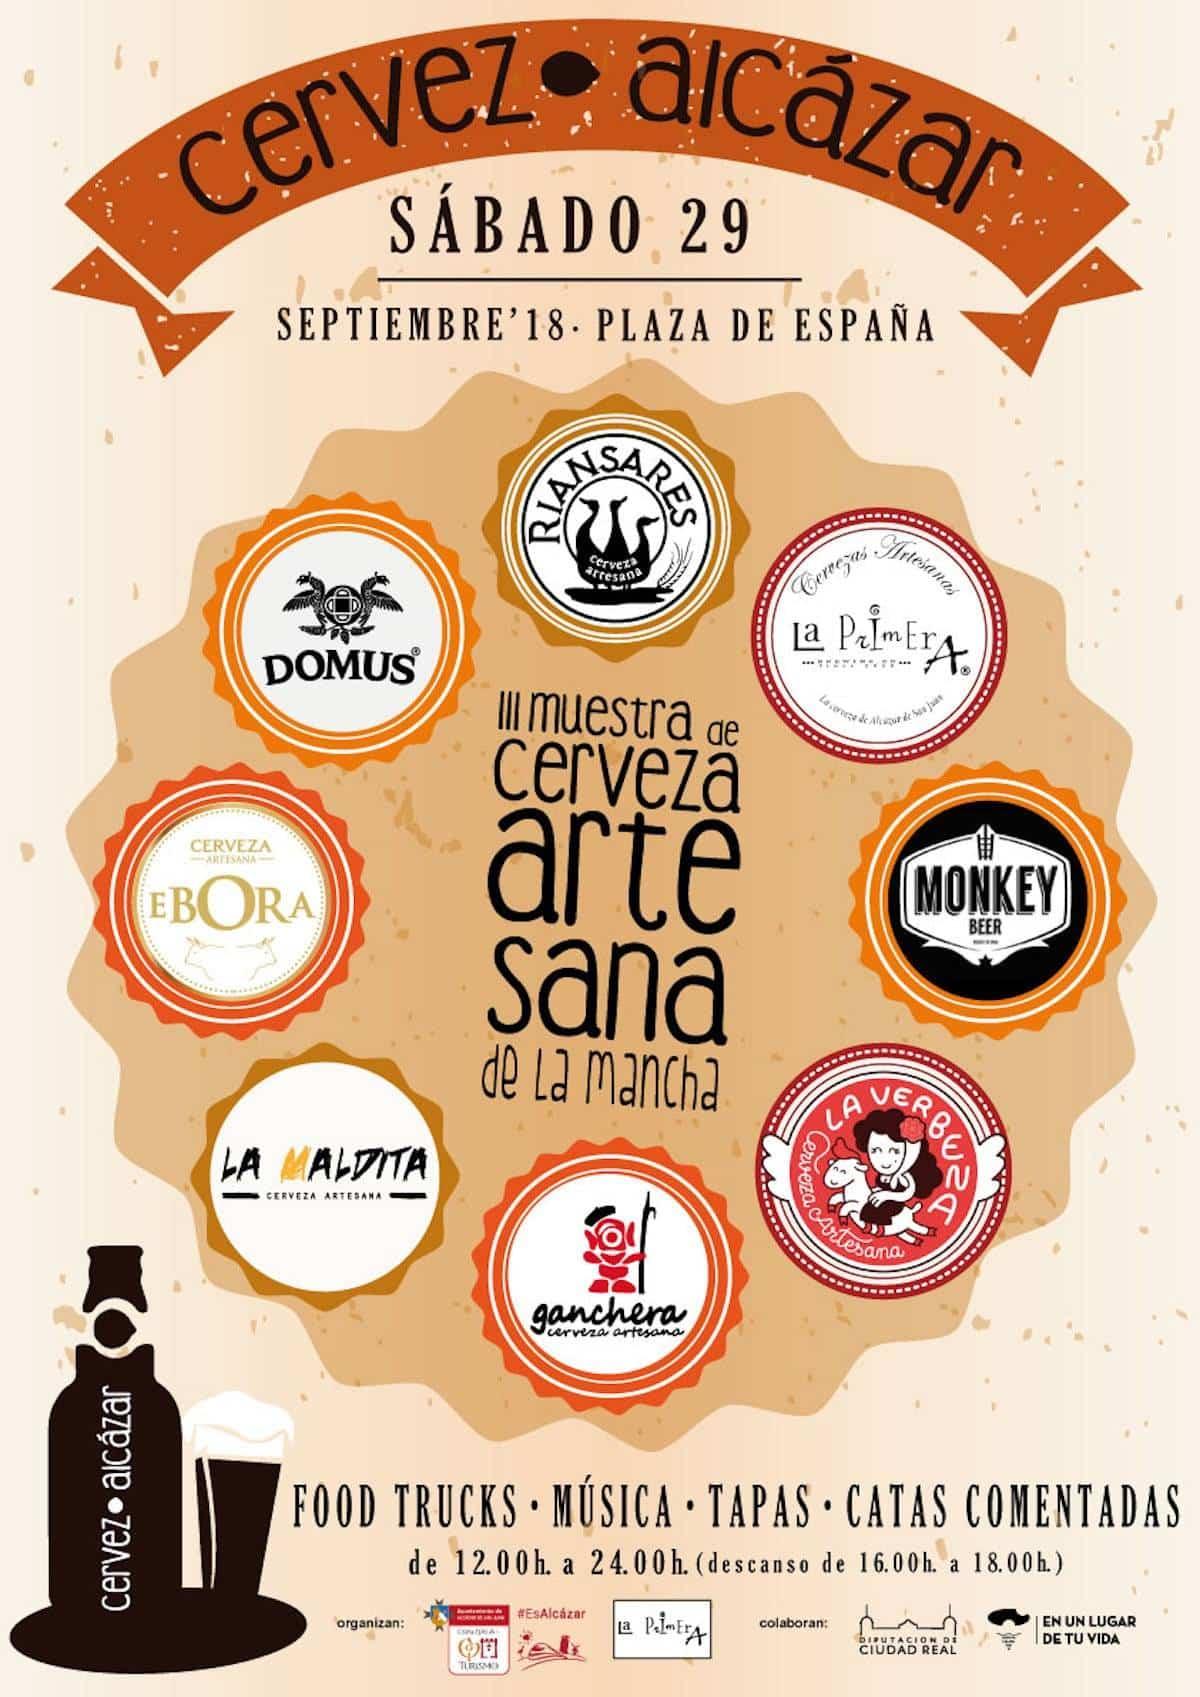 cartel de cervealcazar 2018 - Herencia estará presente en la III Muestra de Cerveza Artesana de La Mancha Cervezalcazar